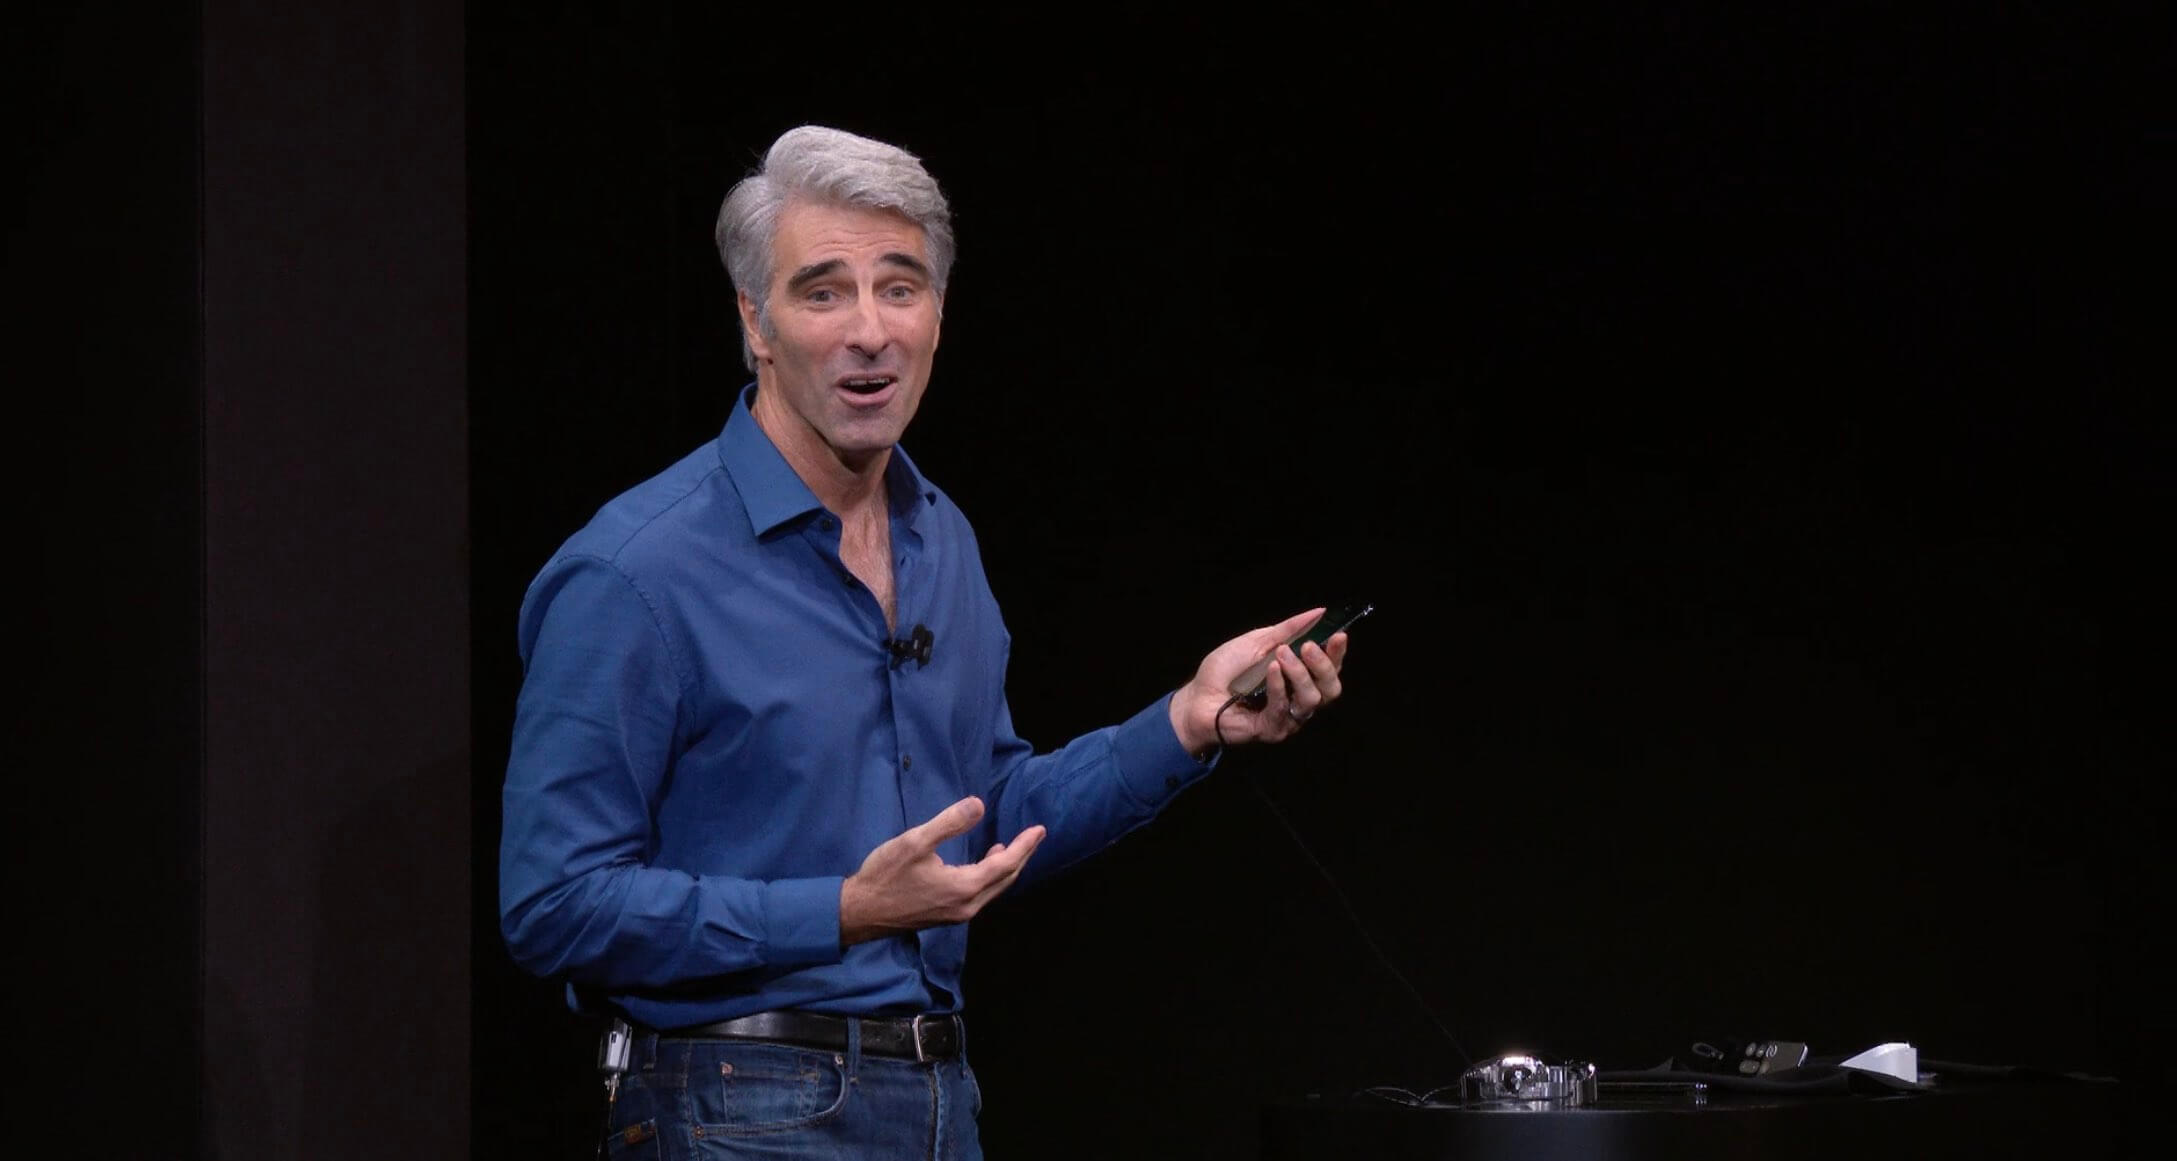 Крейг Федериги рассказал, как ускорить разблокировку iPhone с Face ID